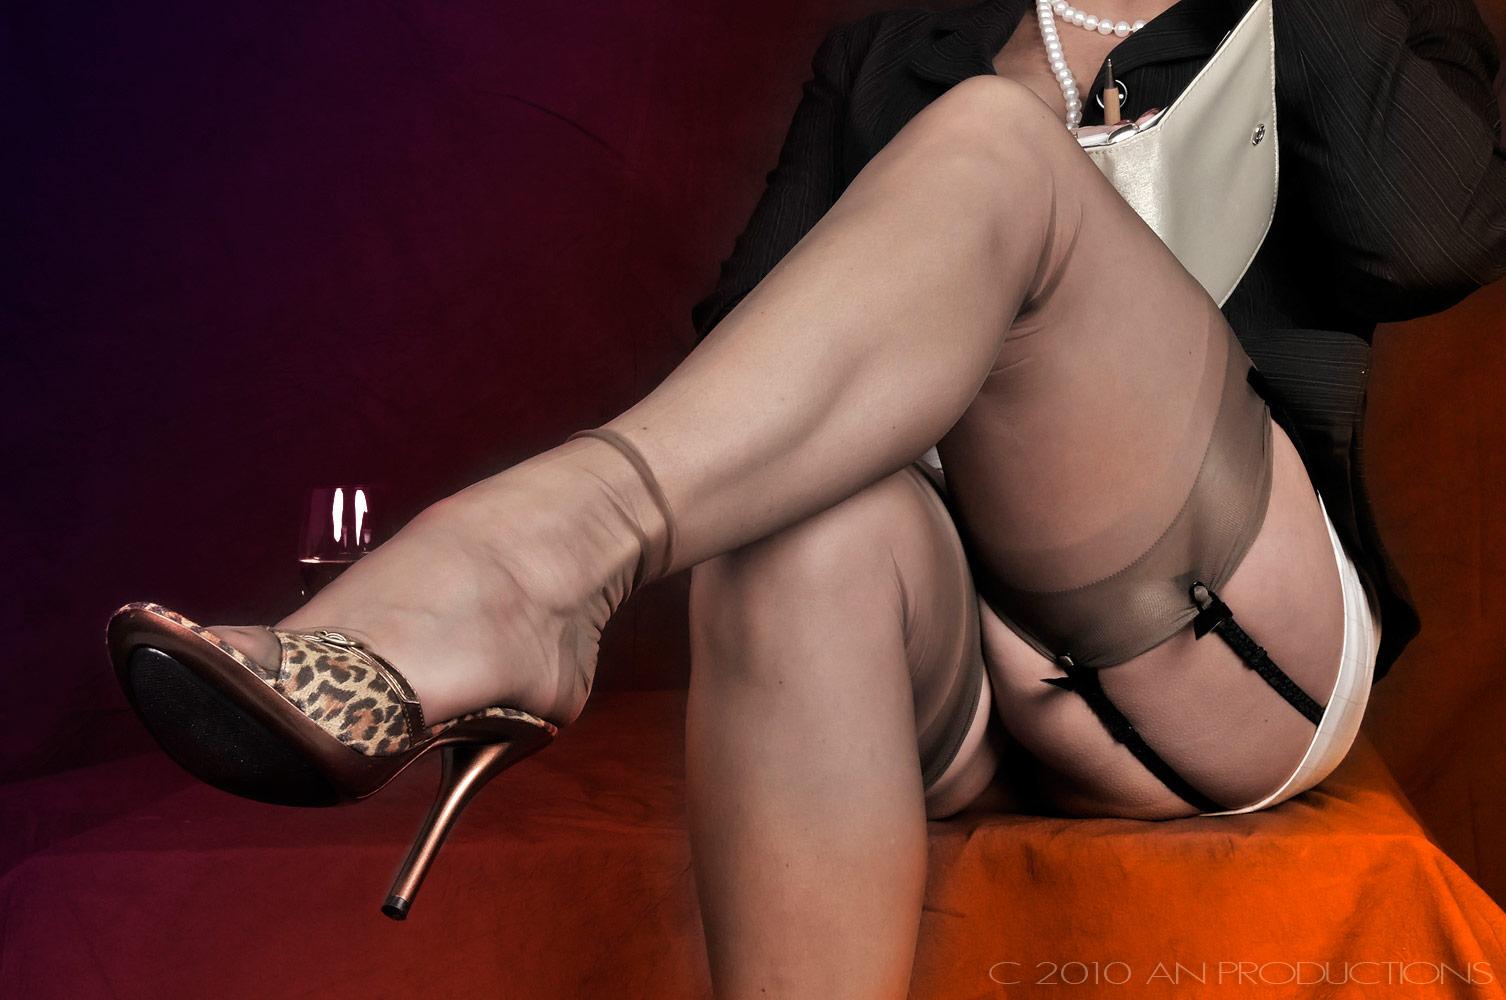 фото ноги госпожи на стуле